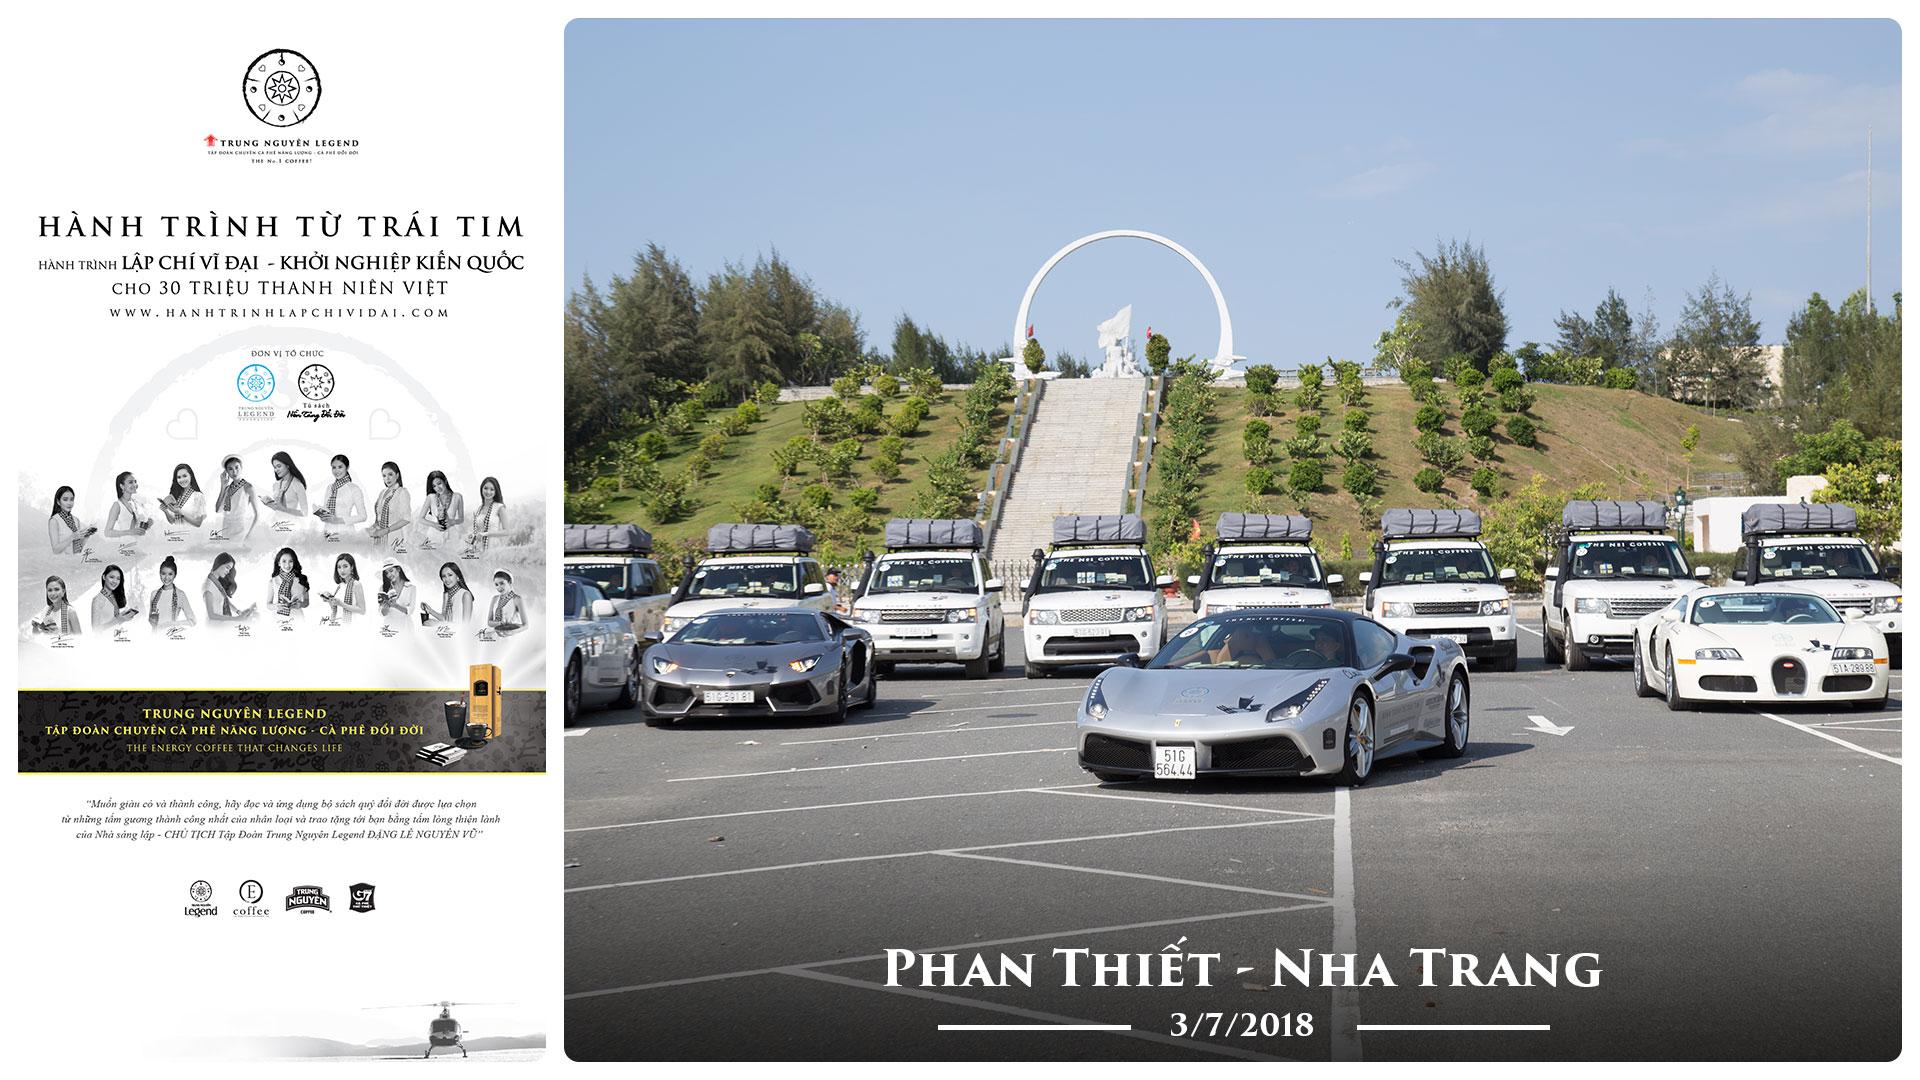 Nhật ký Hành Trình Từ Trái Tim: Chặng Phan Thiết – Nha Trang